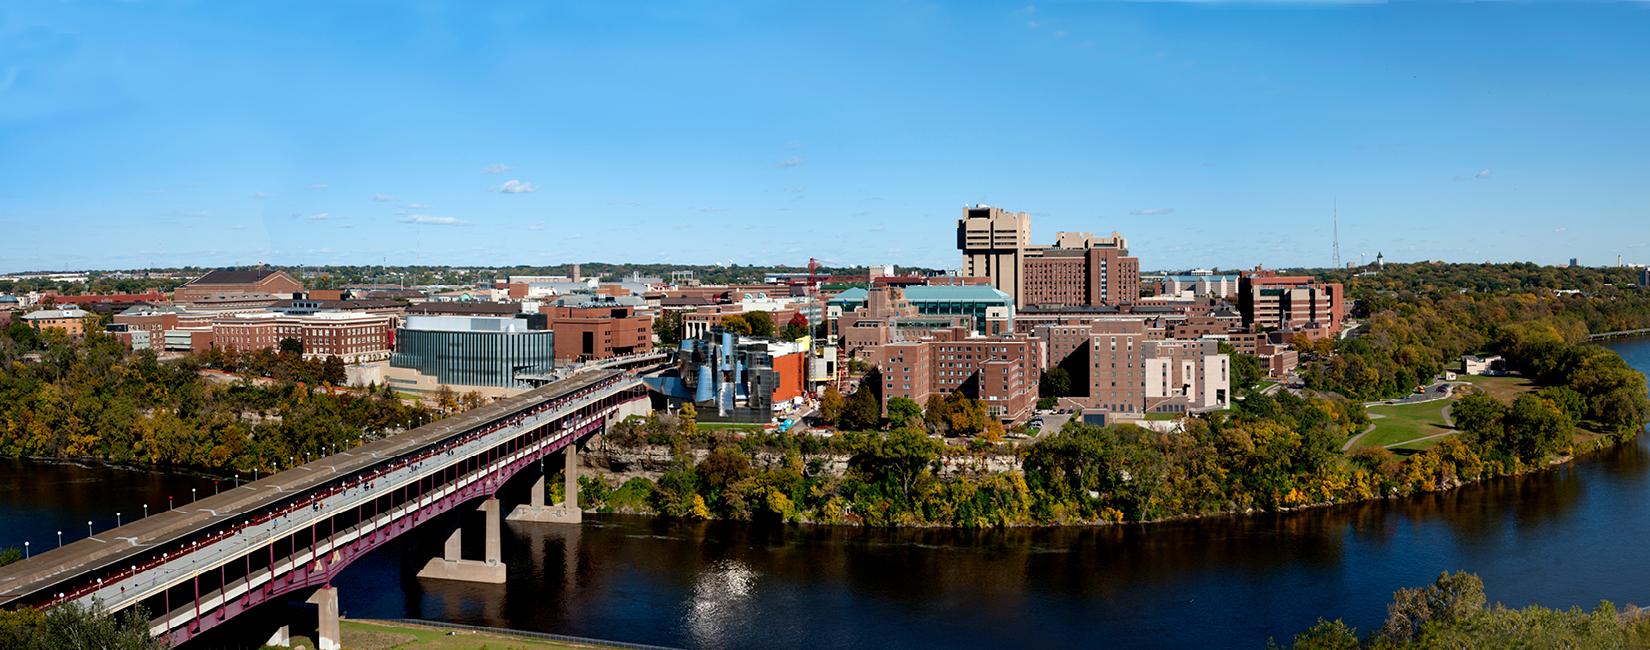 Panoramic View of University of Minnesota